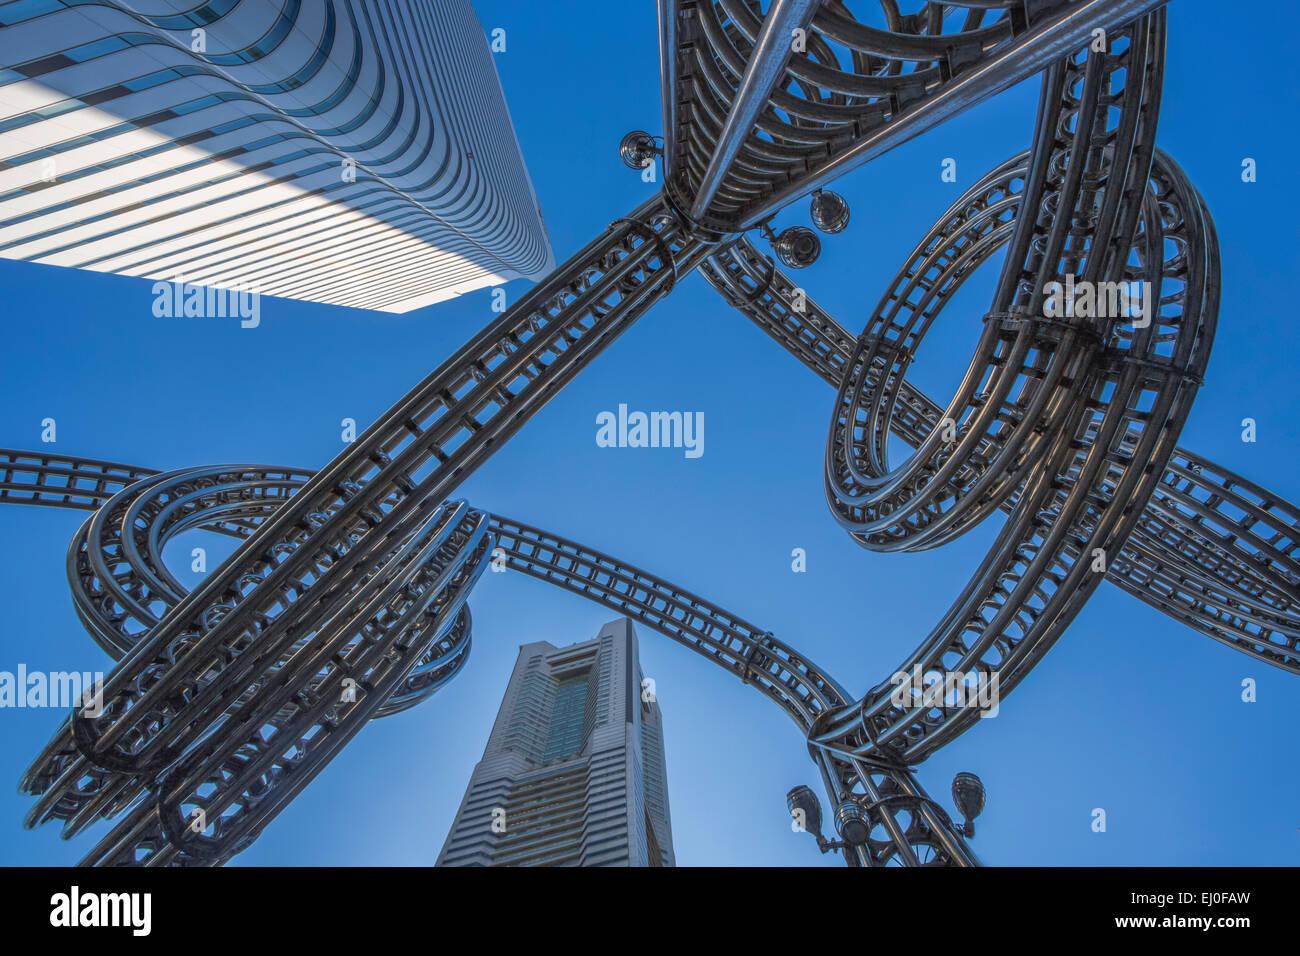 City, Japan, Asien, Wahrzeichen, Yokohama, Architektur, Kunst, künstlerische, bunt, komplex, Design, futuristisch, Stockbild